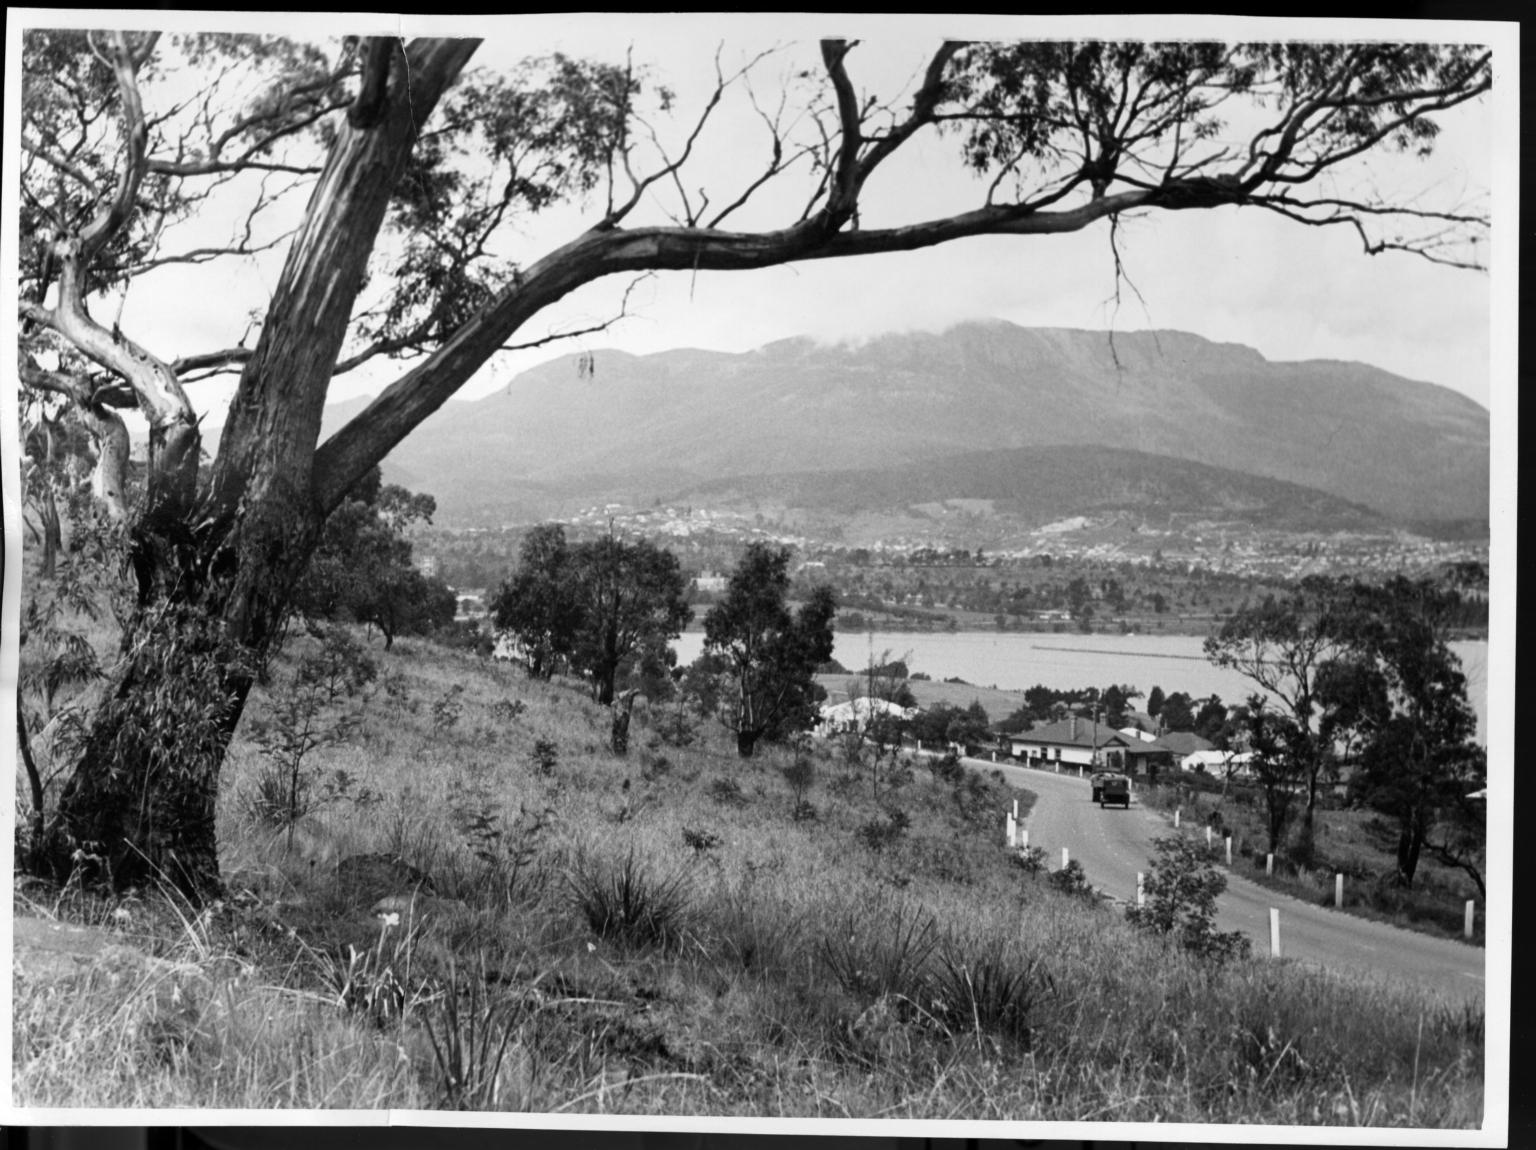 Scenic view near Hobart